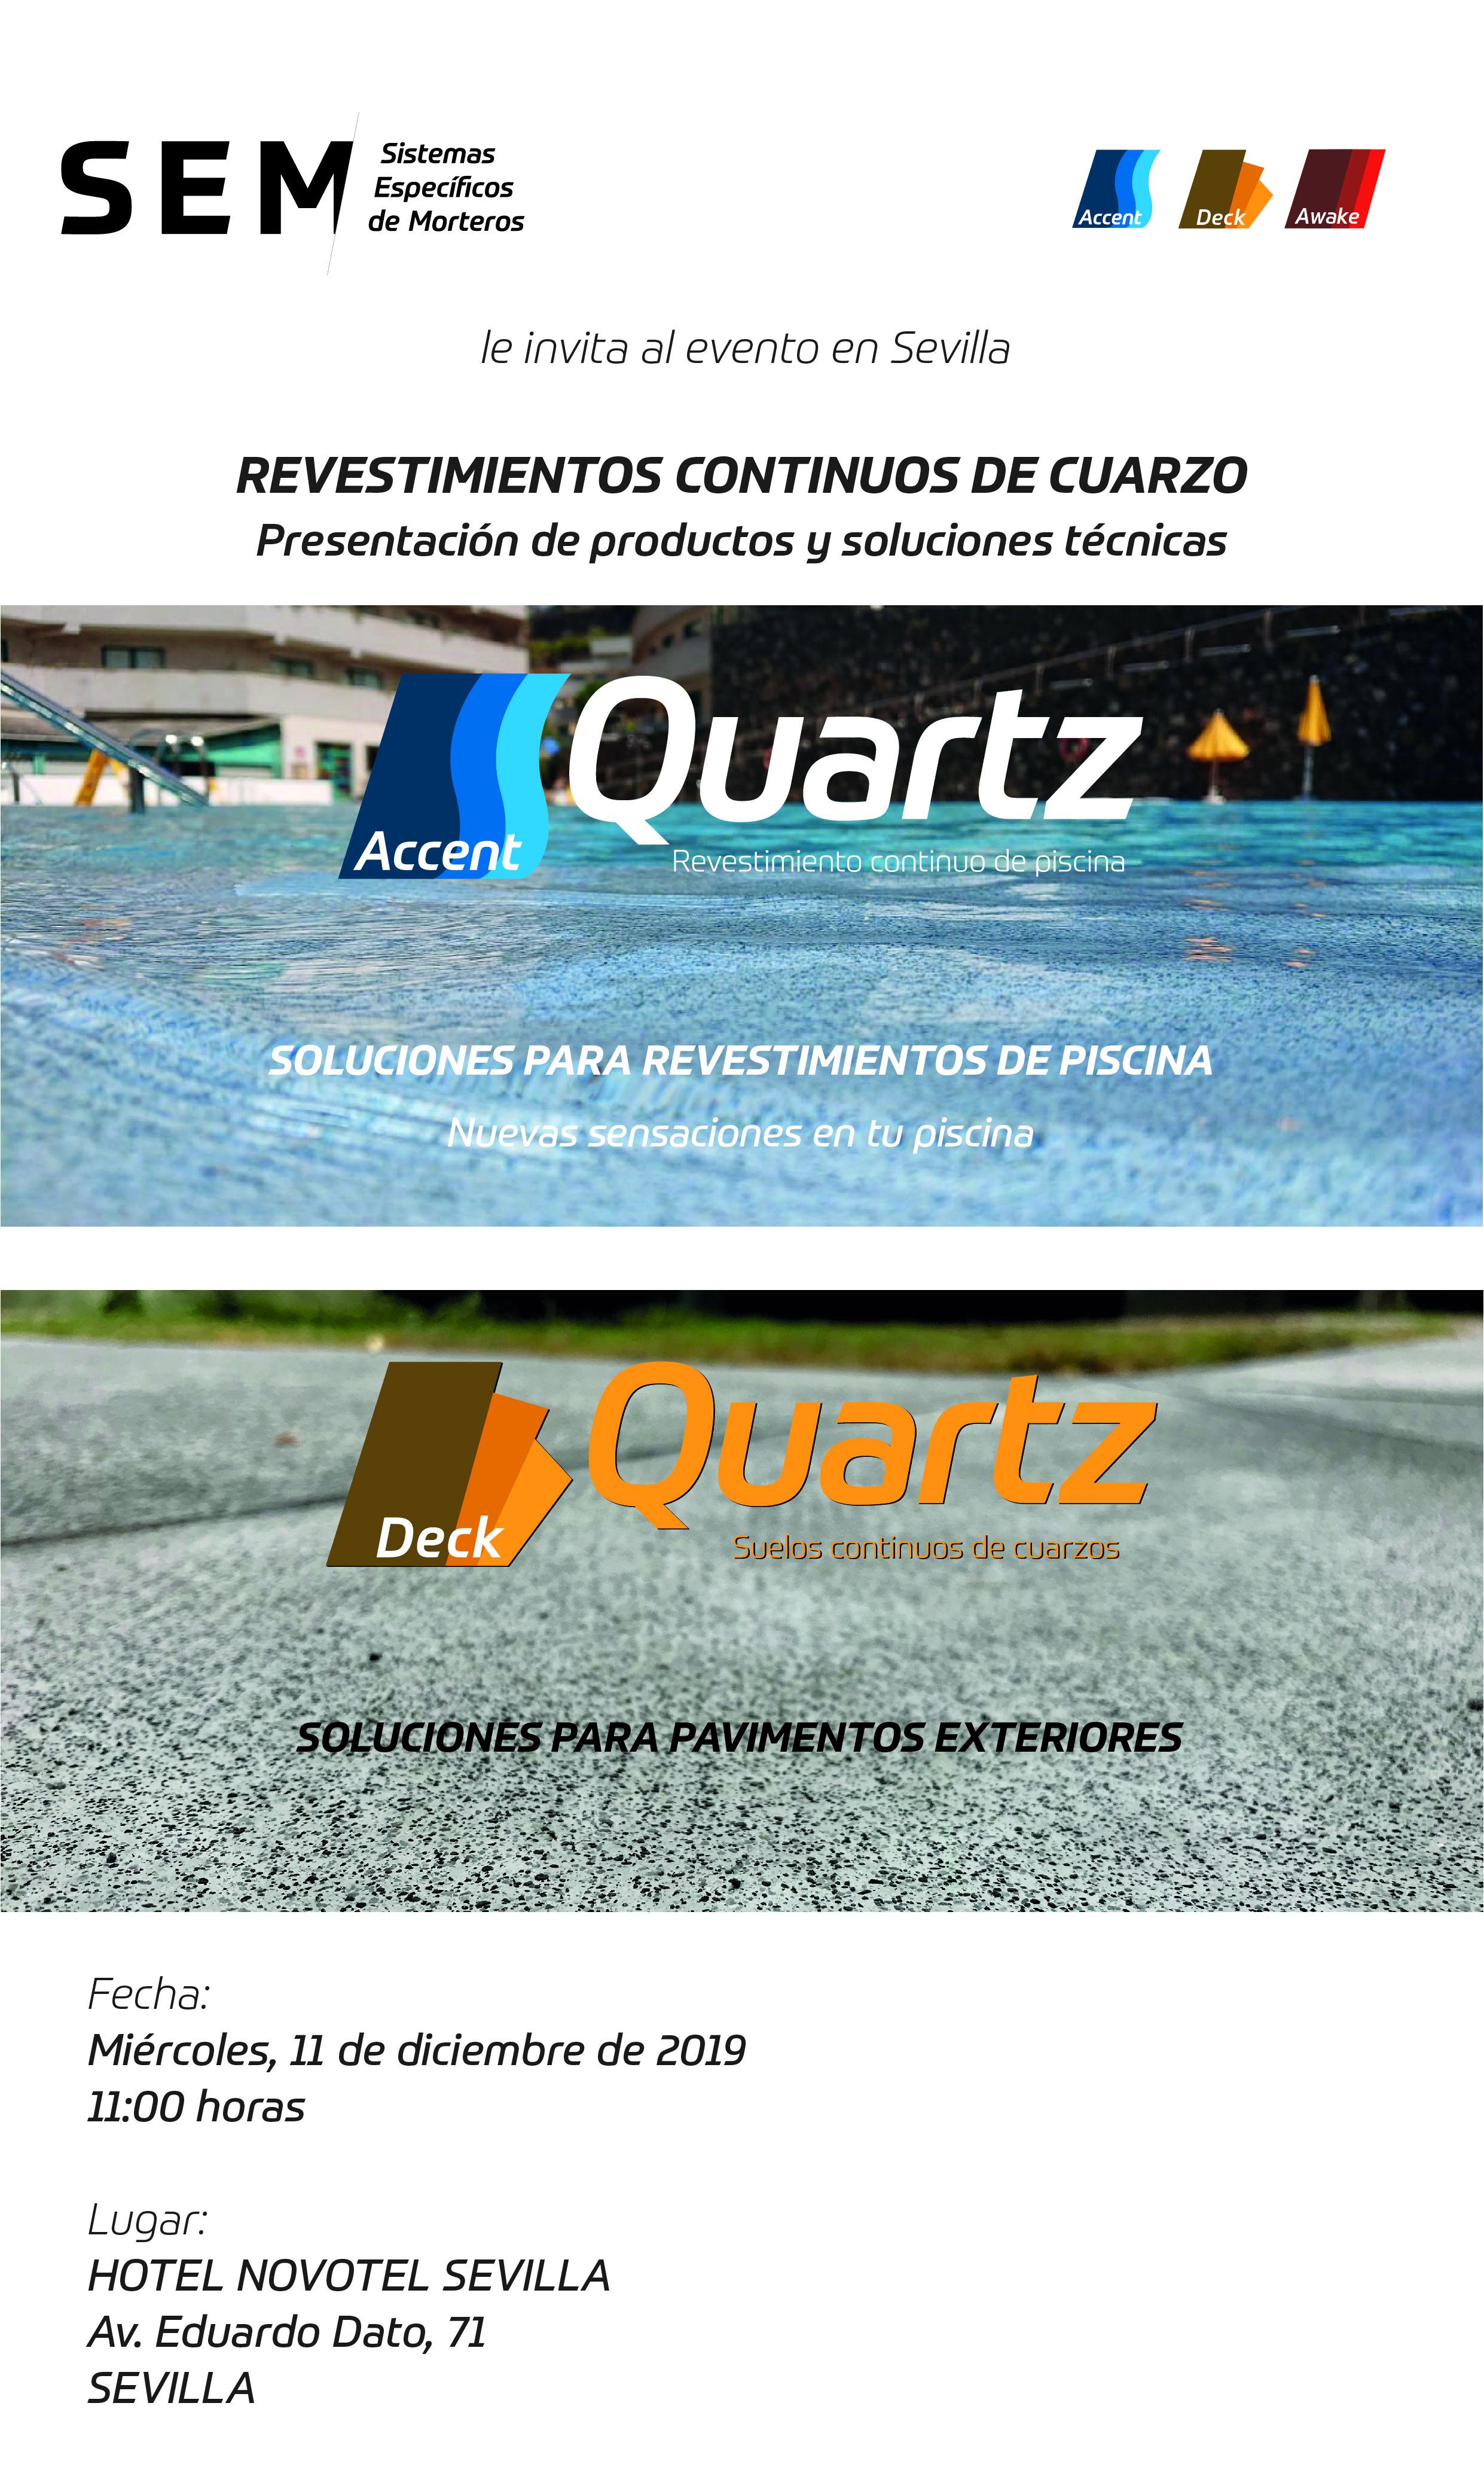 Presentación de productos y soluciones técnicas en Sevilla